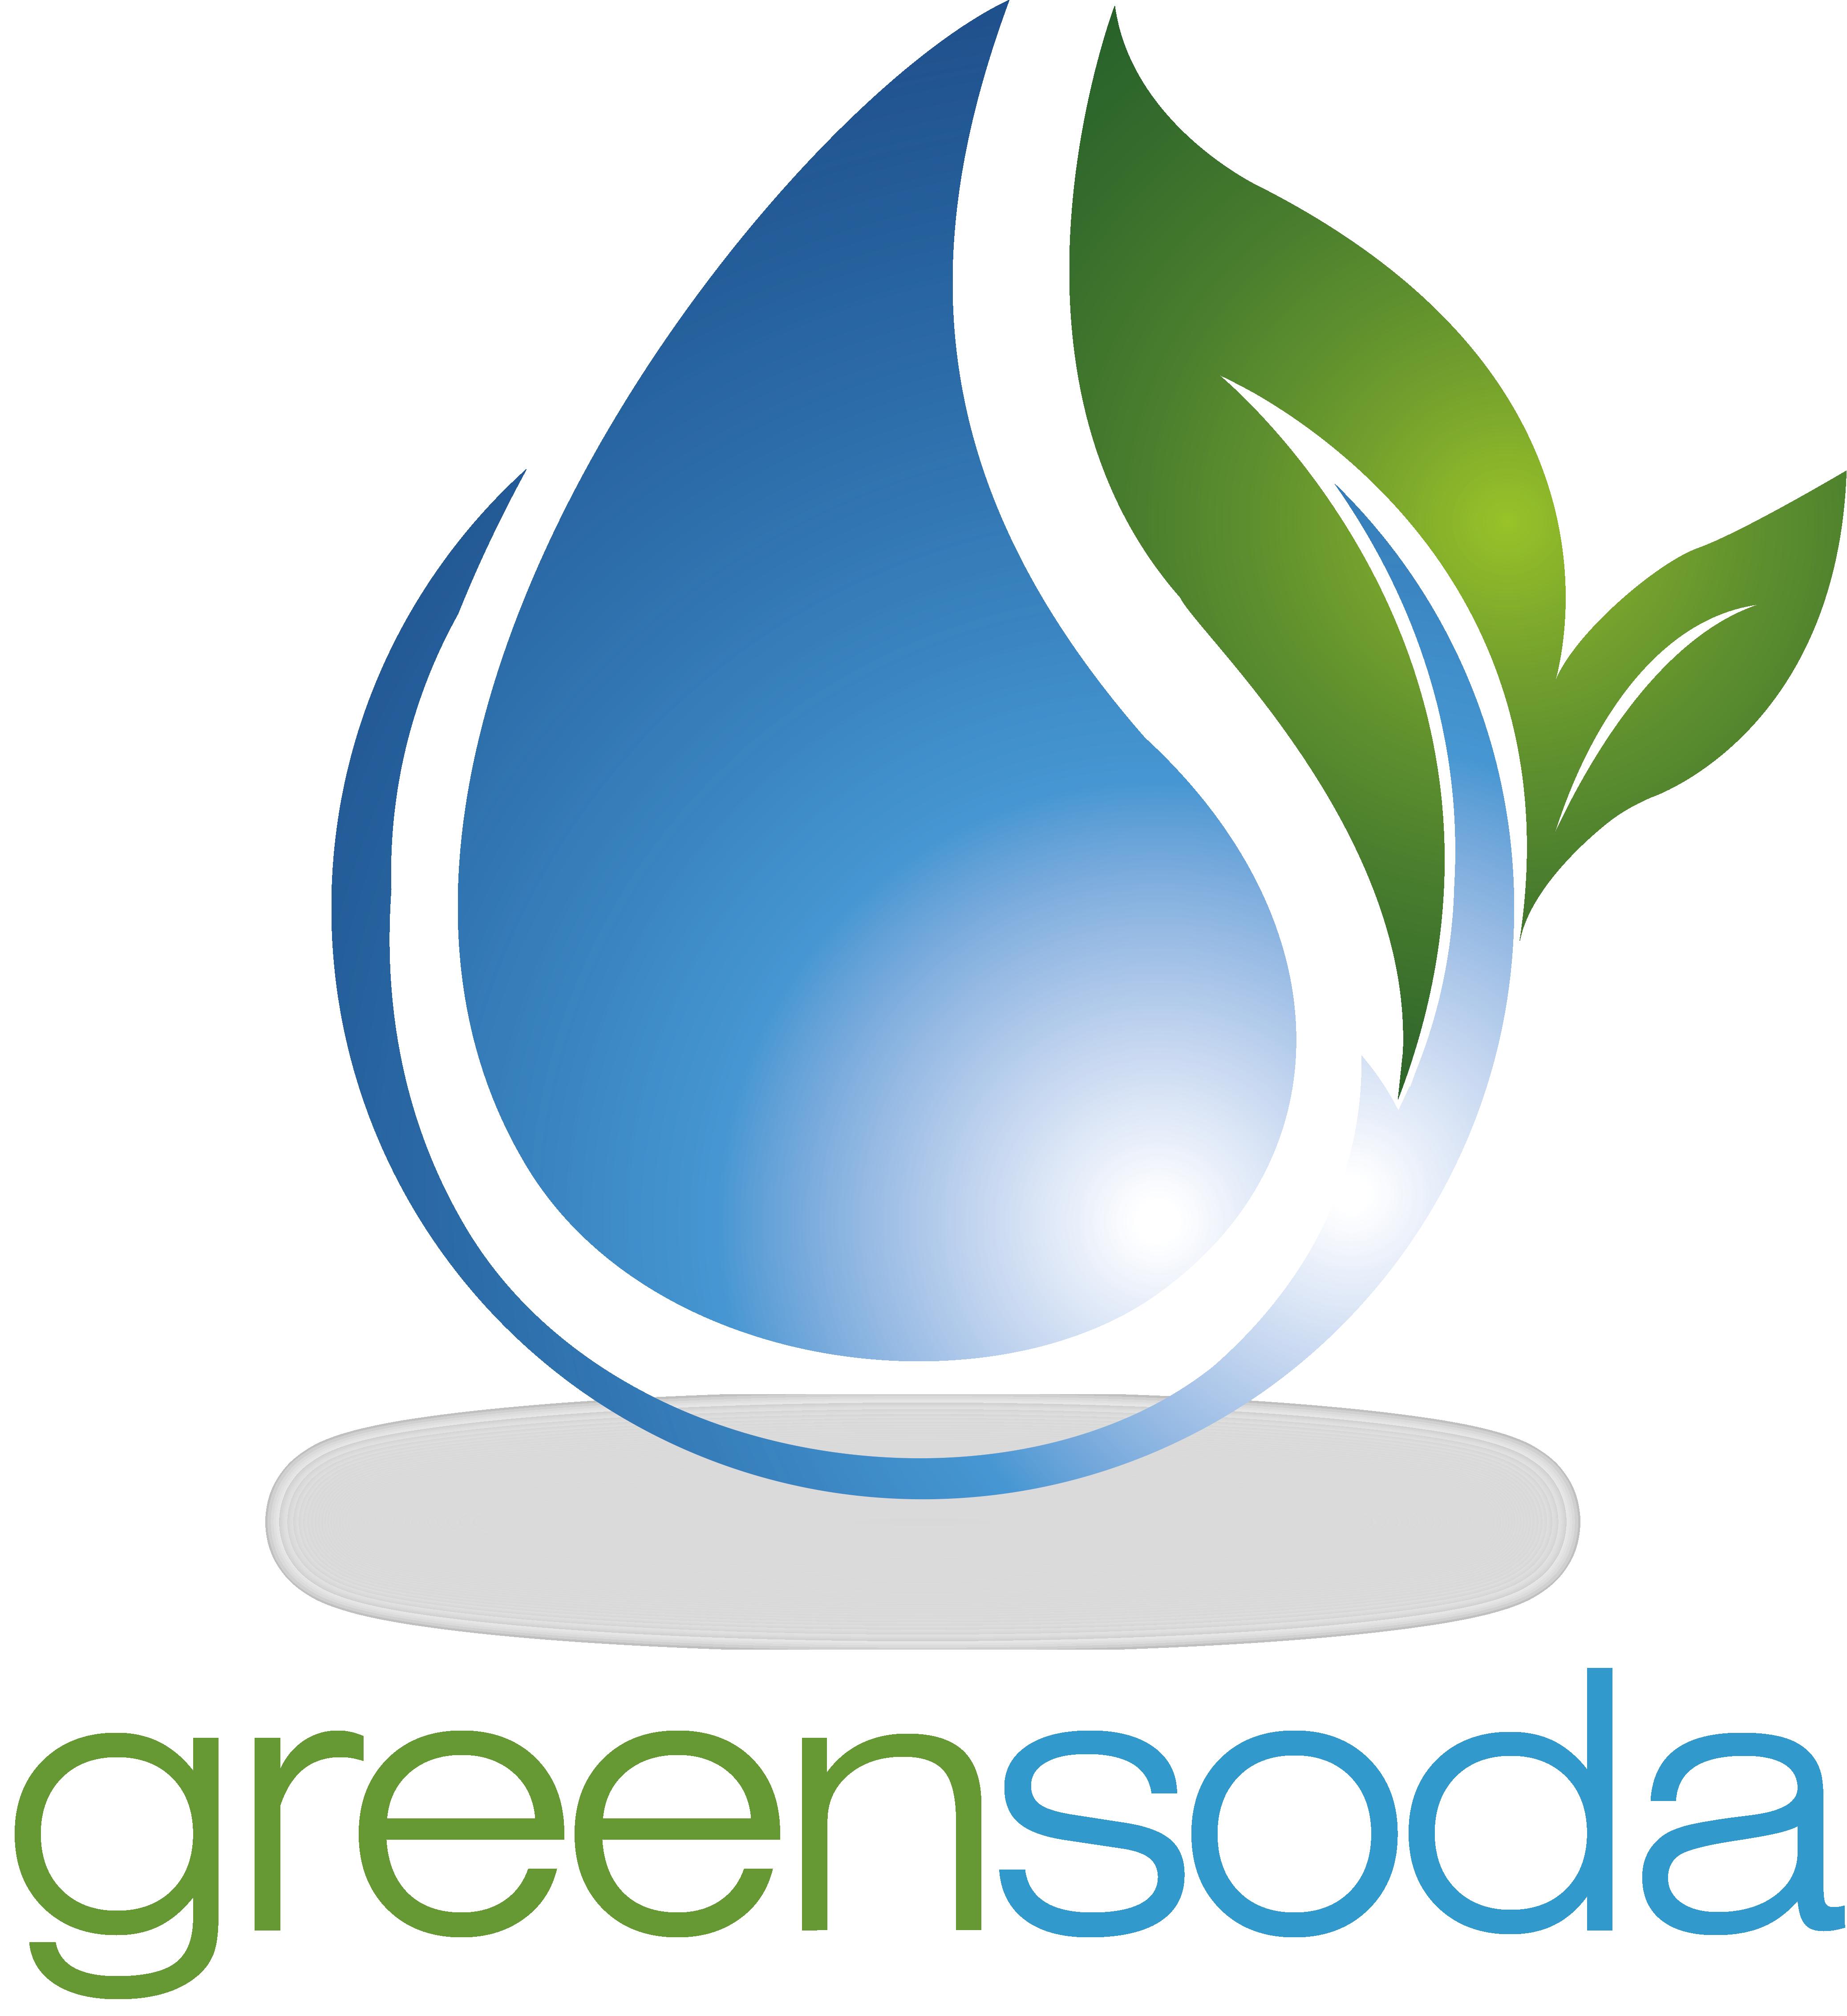 Sprudeln für den guten Zweck - greensoda